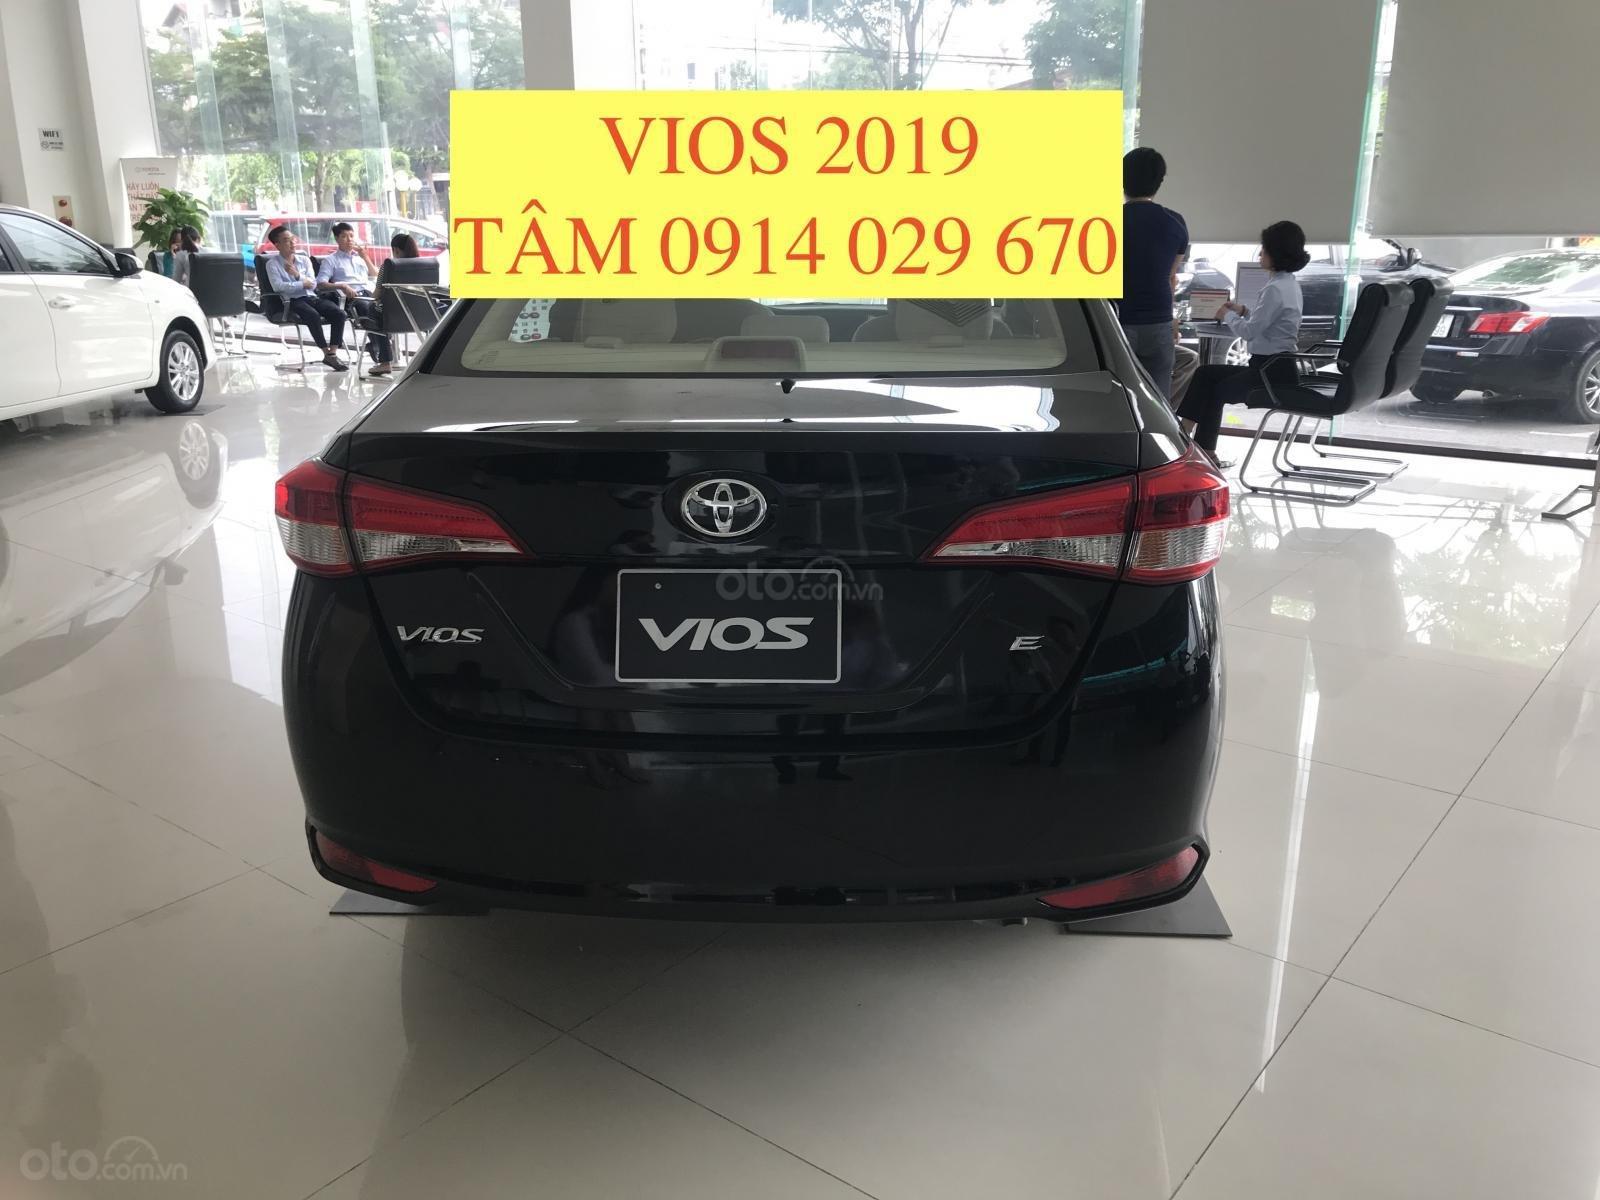 Bán Toyota Vios 2019 giá rẻ nhất thị trường, giao xe ngay, hỗ trợ vay 80% - LH 0914 029 670 (Tâm) (3)